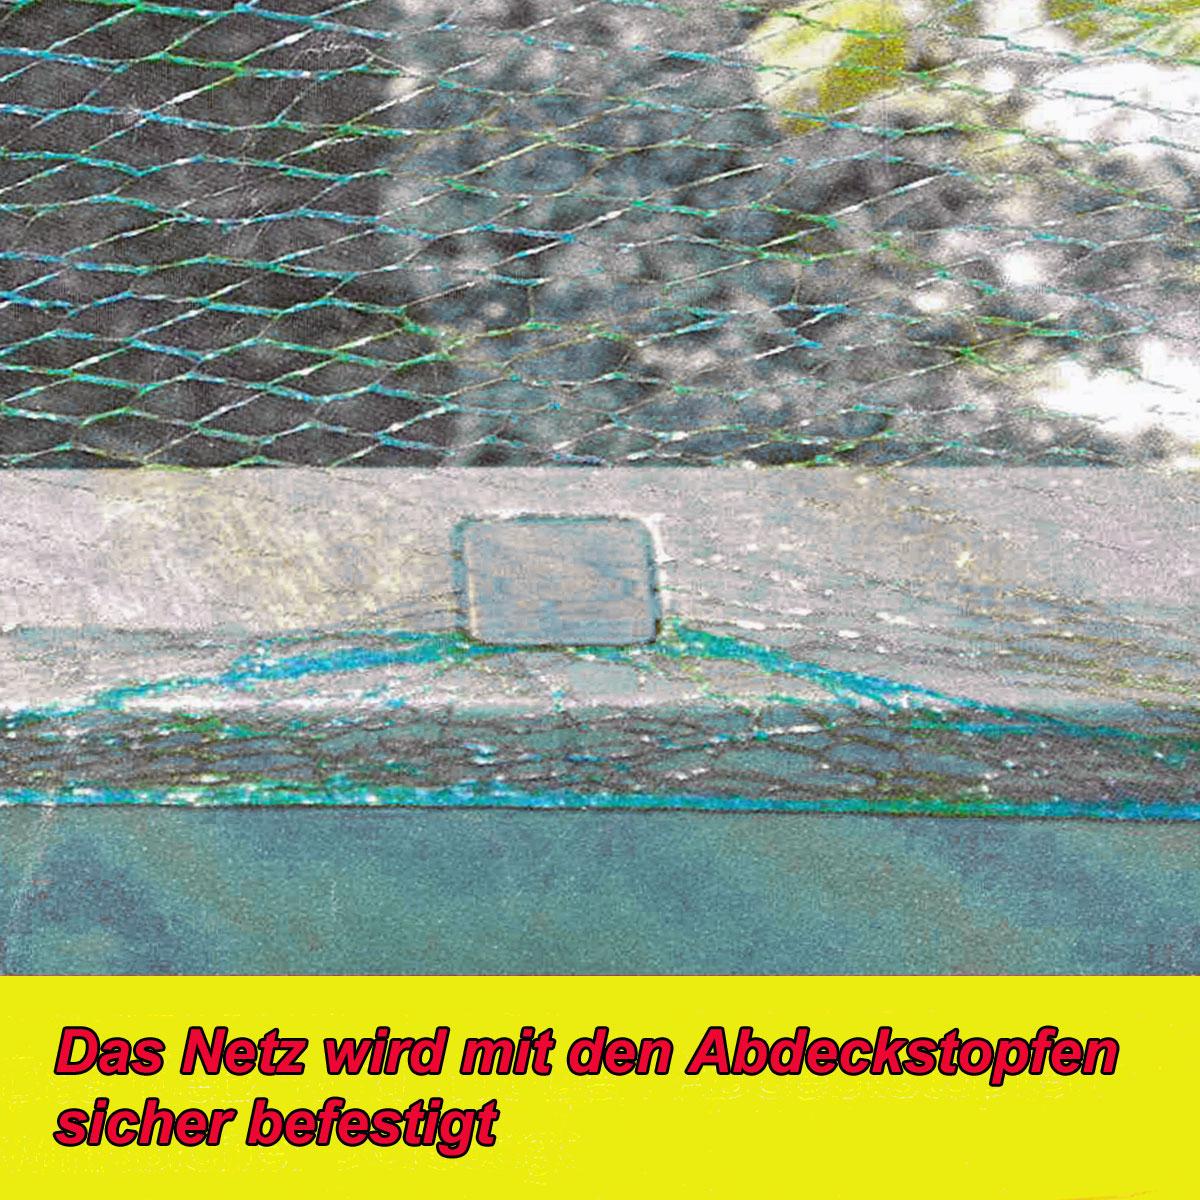 Juwel Kleintiergehege / Kleintierauslauf 2 m² Schutznetz Auswahl, Freigehege, Schildkrötengehege, Schildkrötenauslauf, Kleintier-Freilaufgehege, , var-juwel-gehege